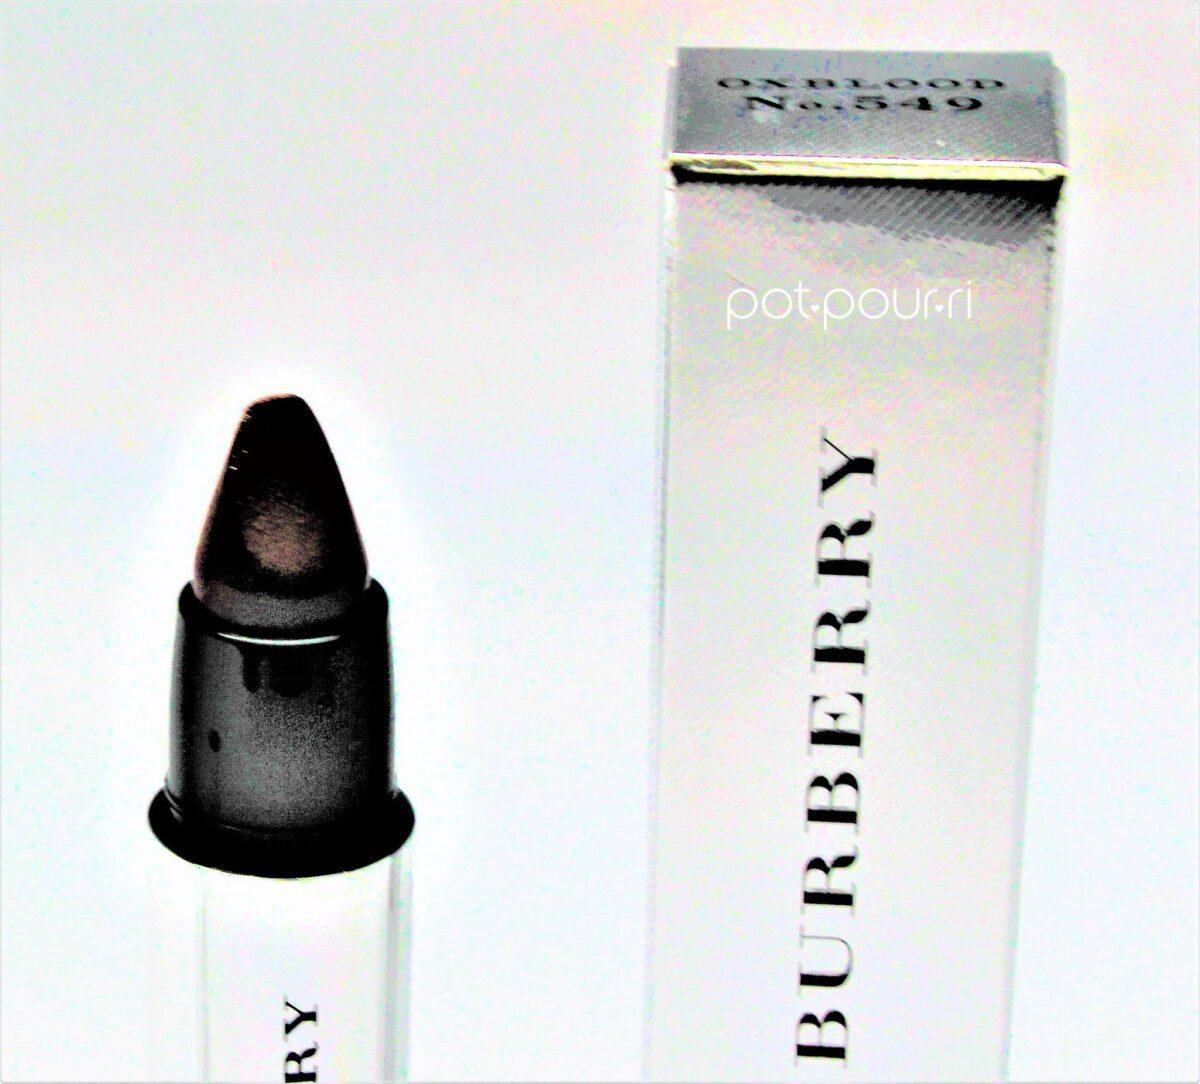 Burberry-full-kiddes-lipstick-tip-flatside-for-great-applciation